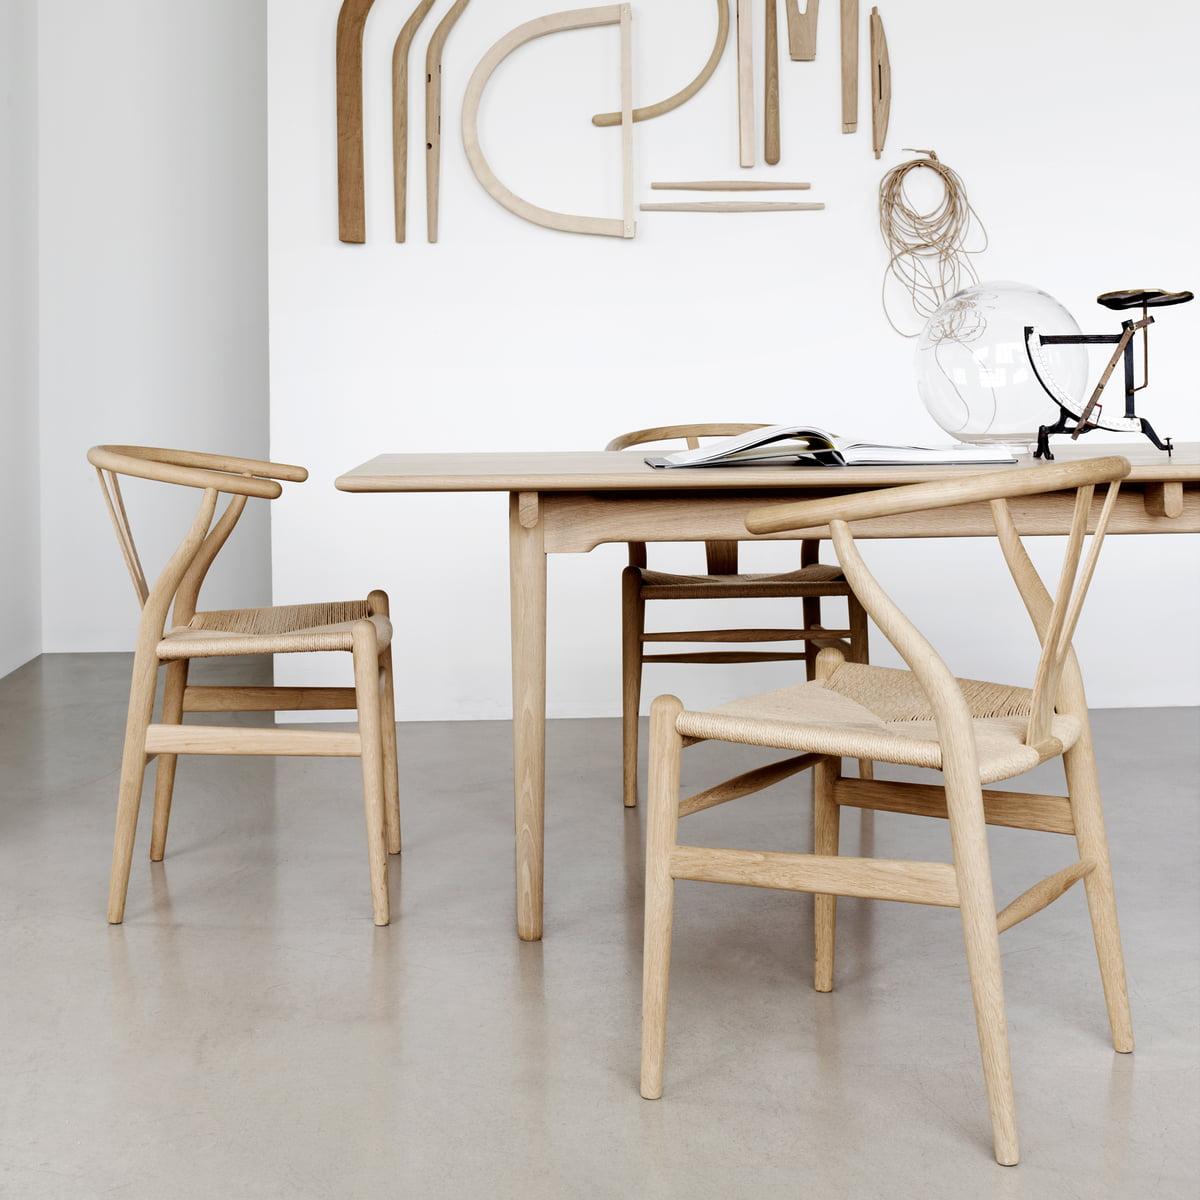 Design-Klassiker: Wishbone / Y-Chair von Hans J. Wegner, zusätzlich das gesamte Carl Hansen Sortiment mit 20 % Rabatt [Connox plus]